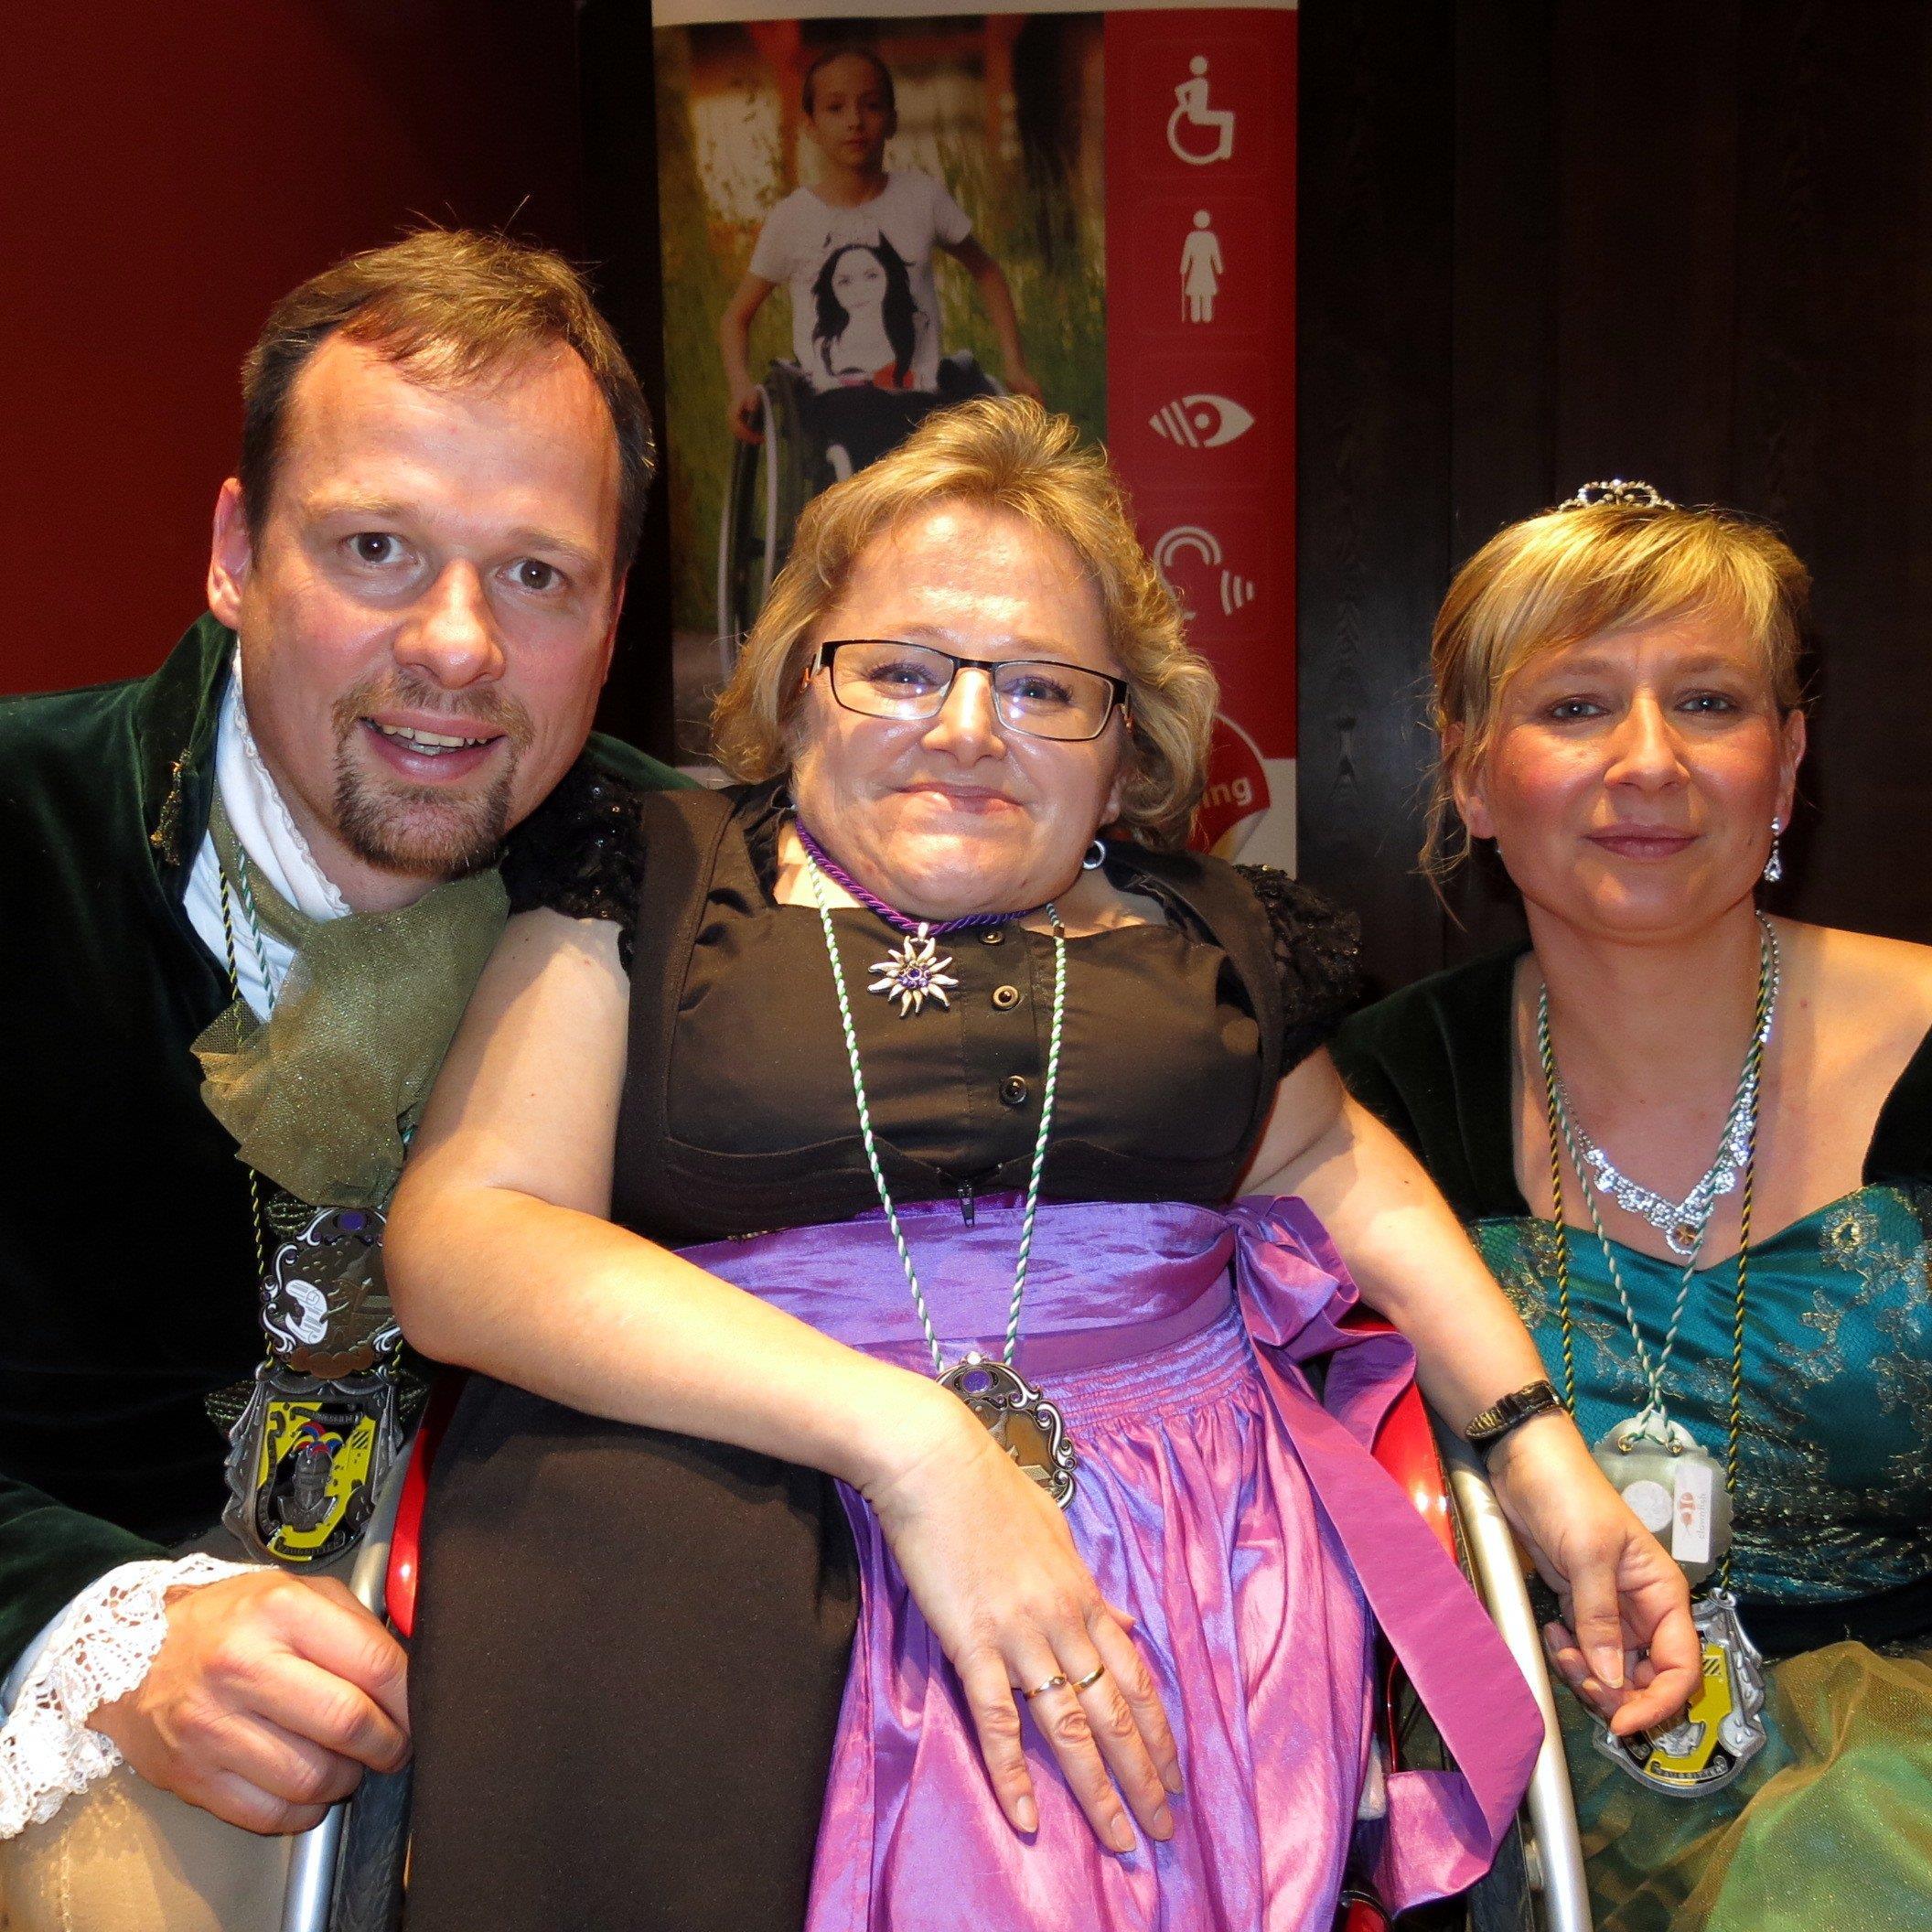 Große Freude bei Karin Stöckler über den Besuch des Hörbranzer Prinzenpaares